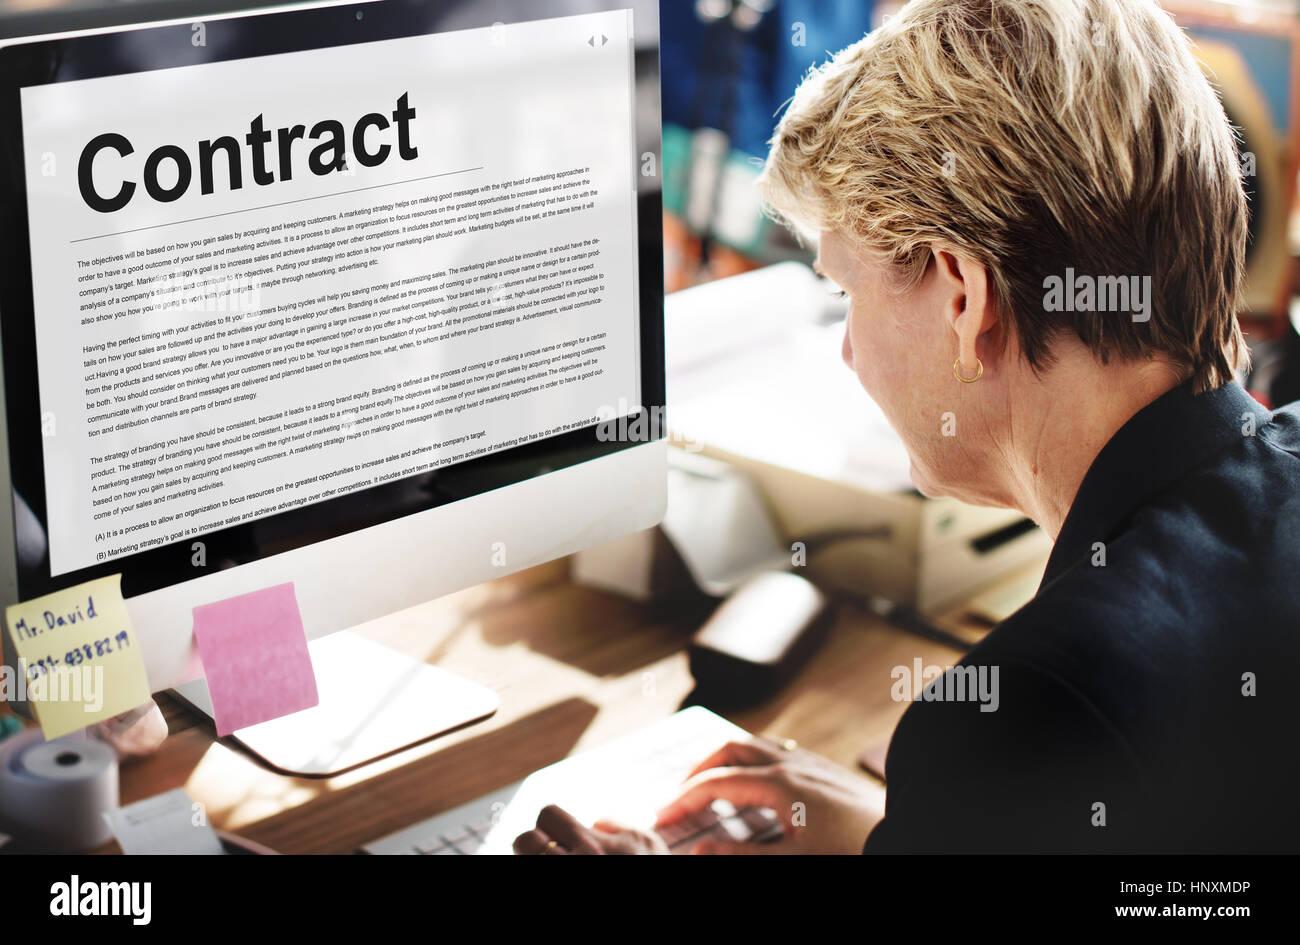 Vertrag Vereinbarung Engagement Verpflichtung Verhandlung Konzept Stockfoto